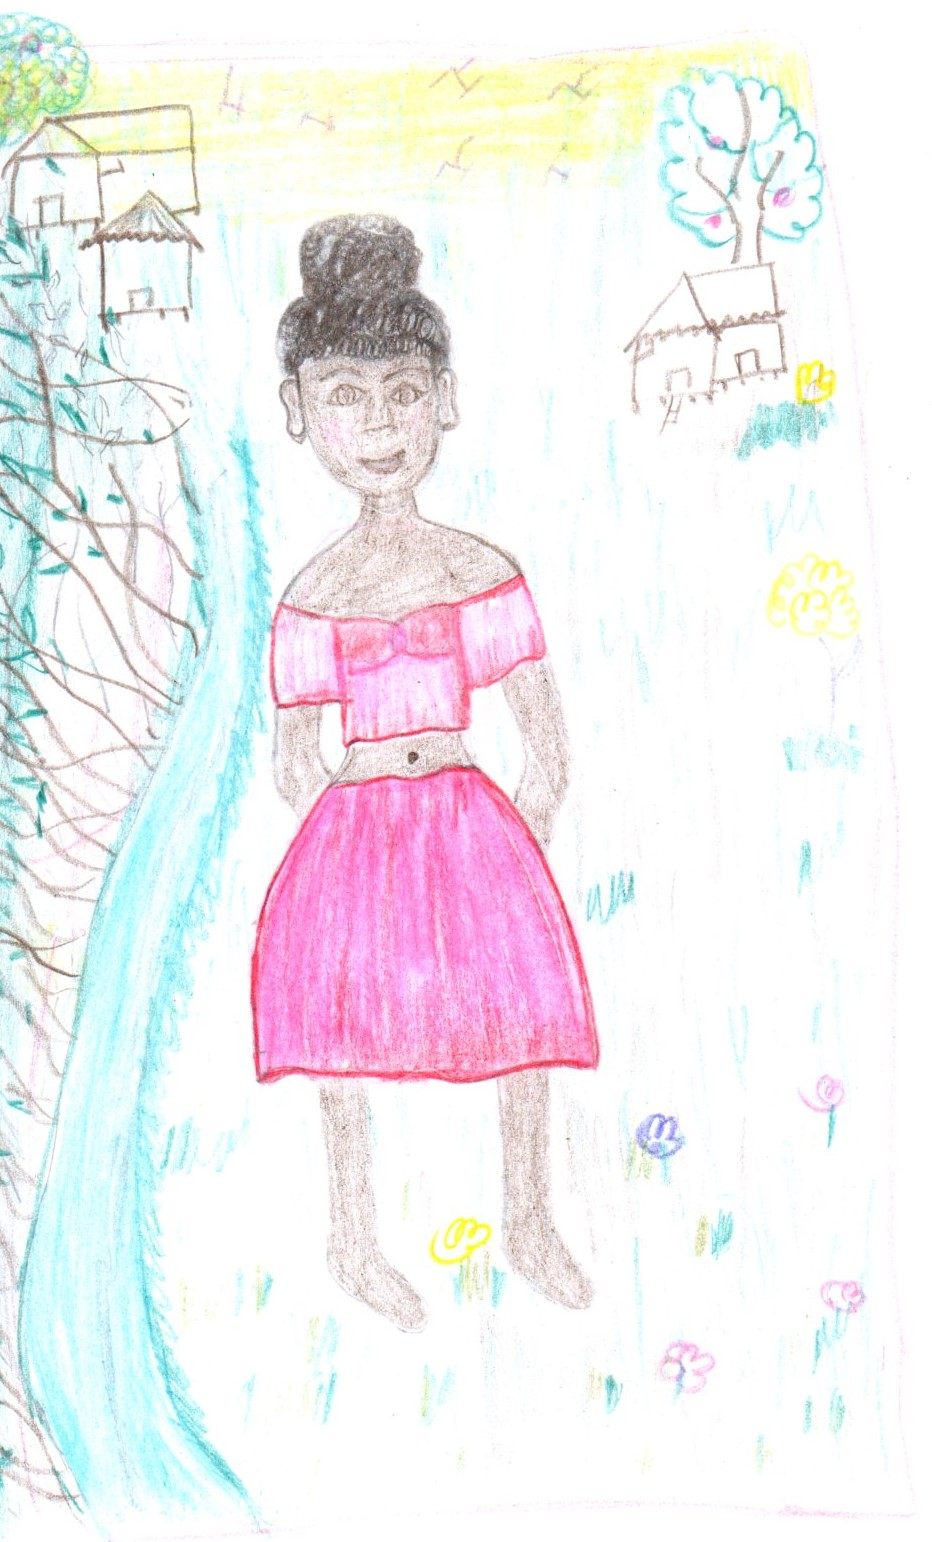 Imagen de la autora de la protagonista del cuento junto al río.